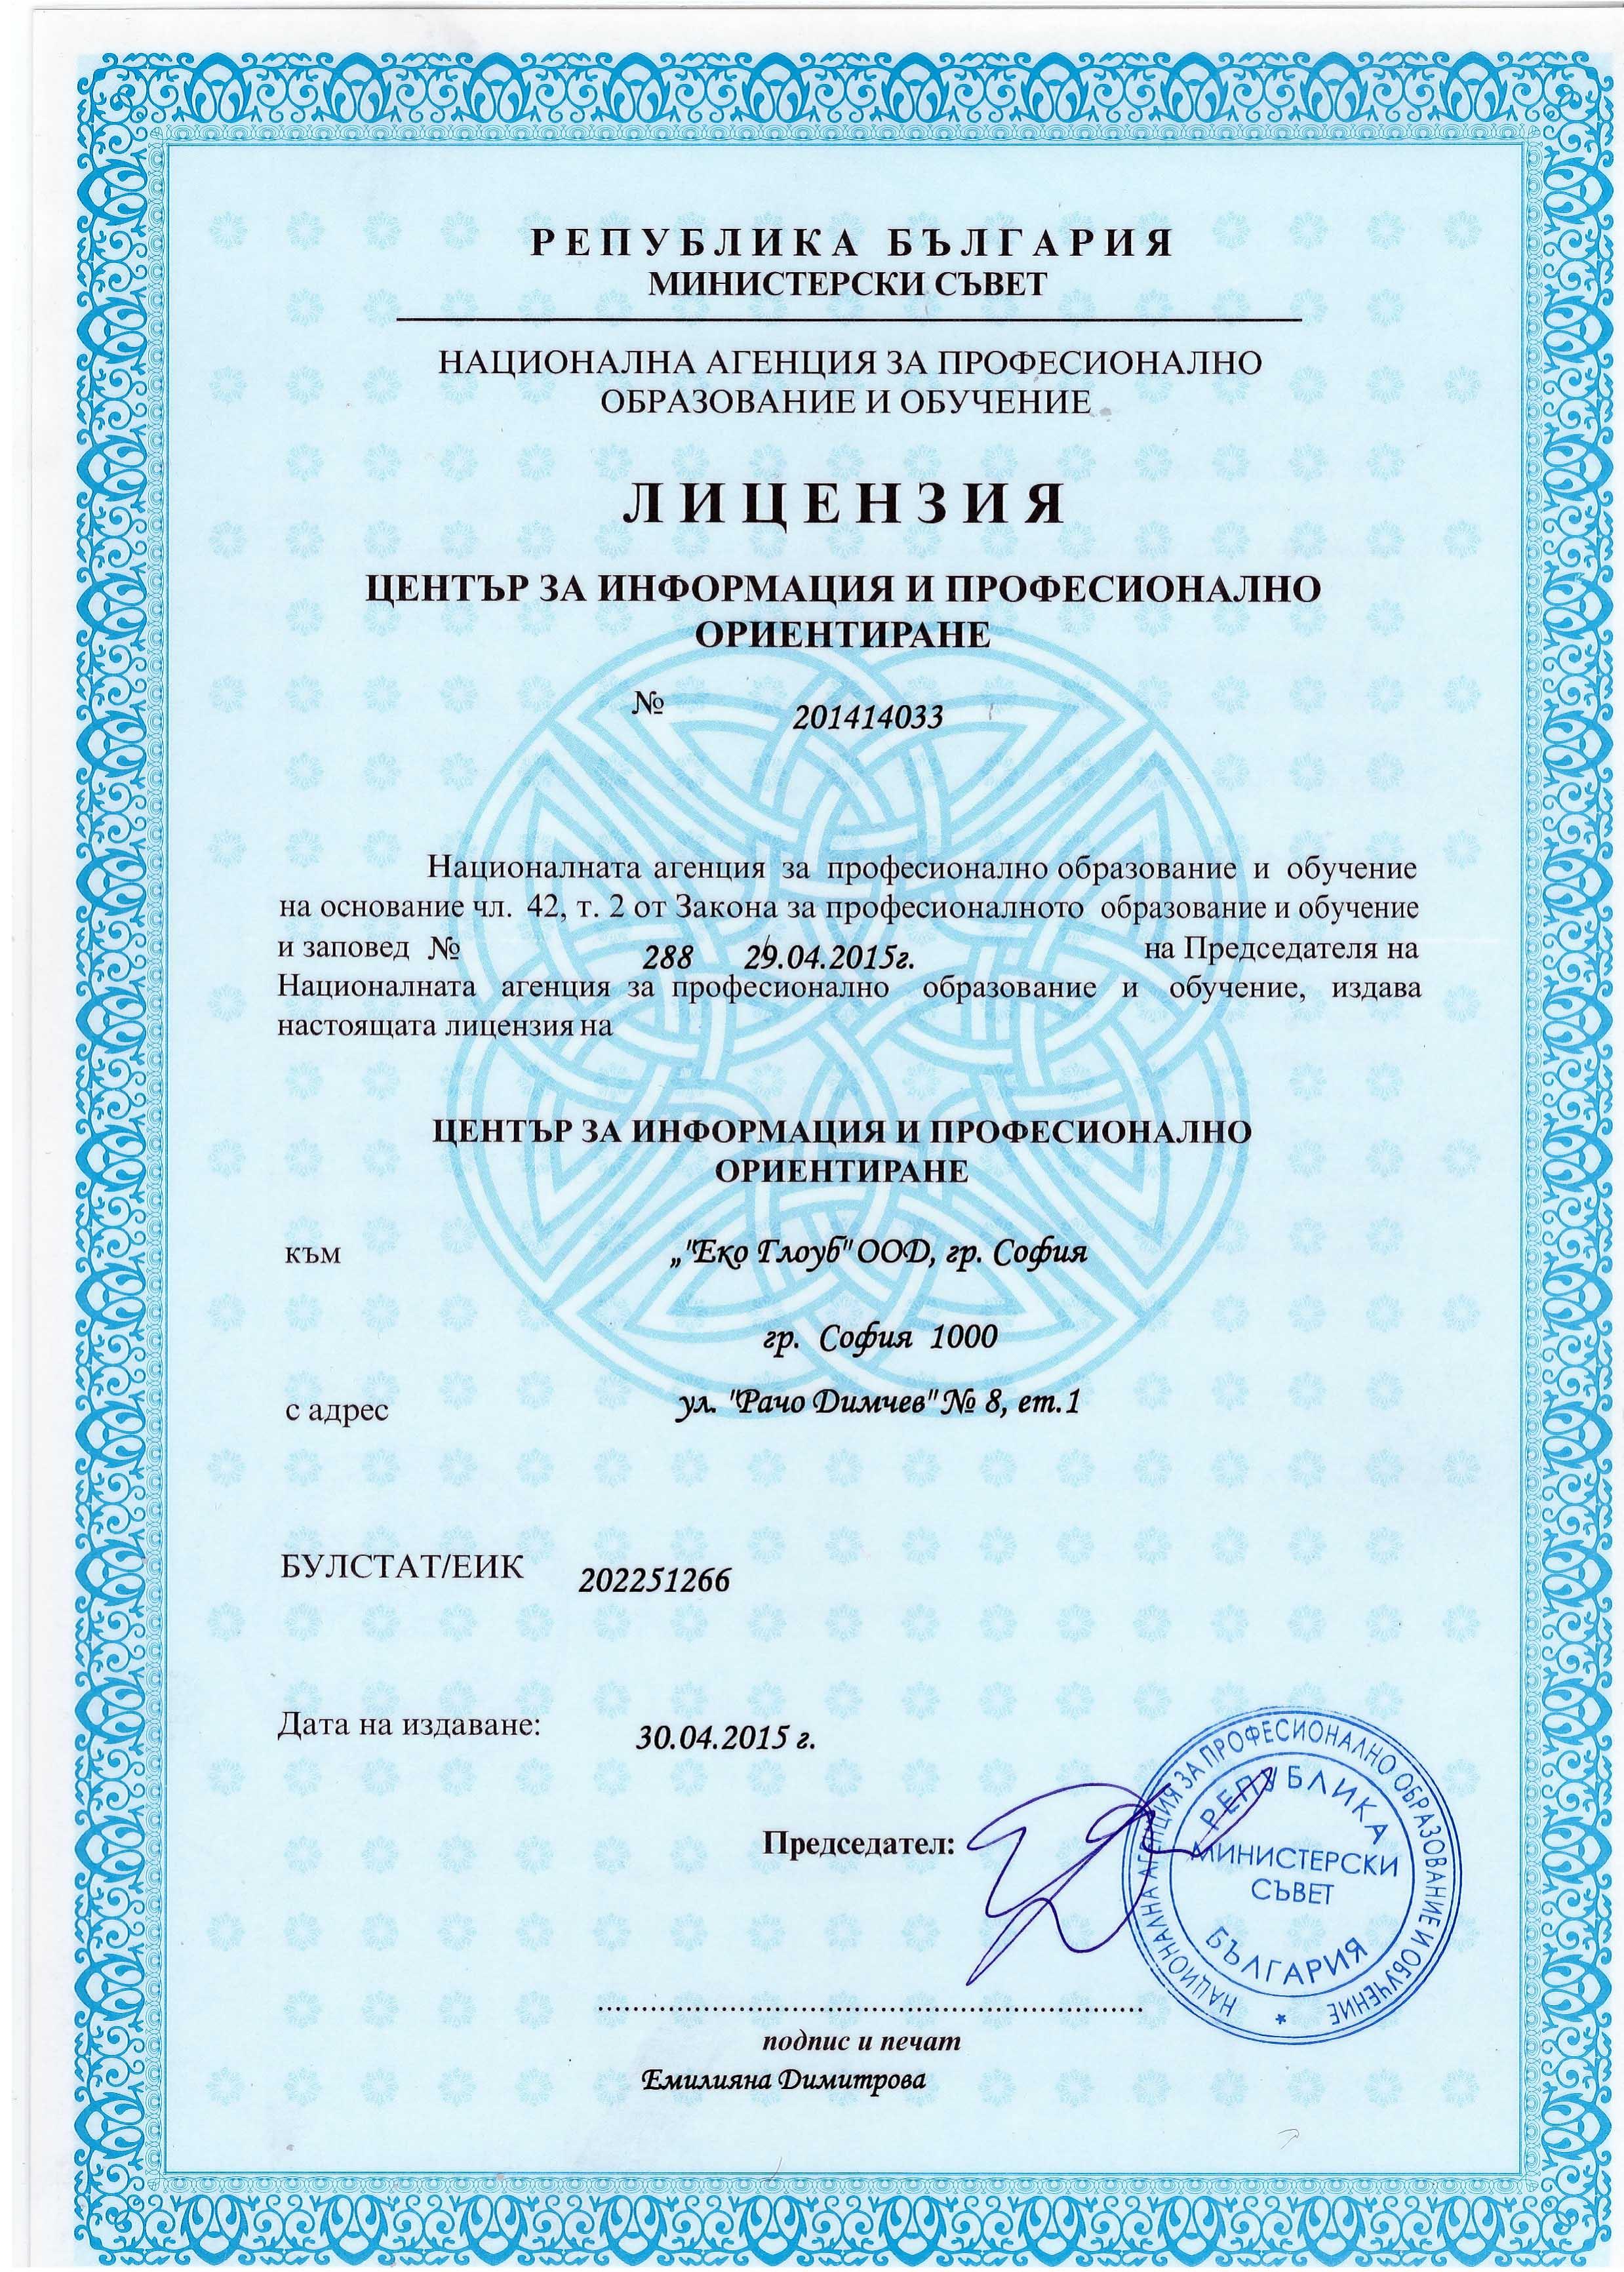 Лицензия на ЦИПО към Еко Глоуб ООД